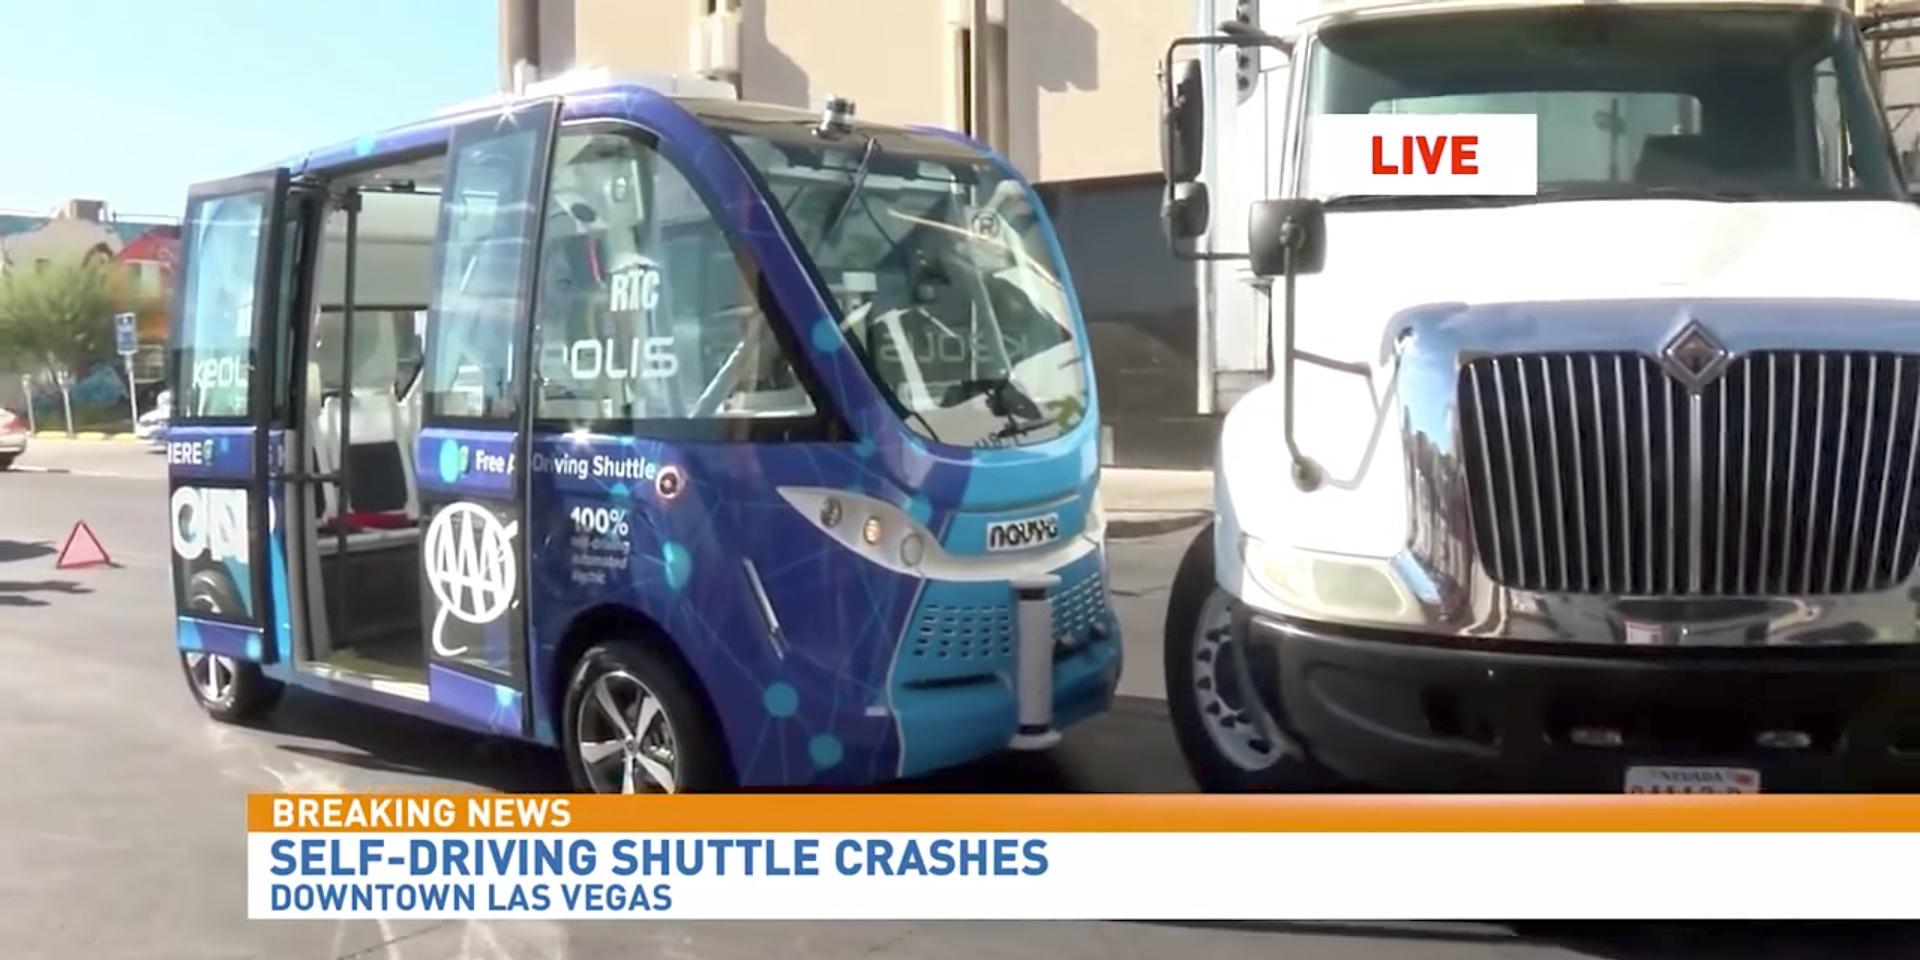 Imagem de Shuttle autônomo de Las Vegas se envolve em acidente... Causado por humano no tecmundo